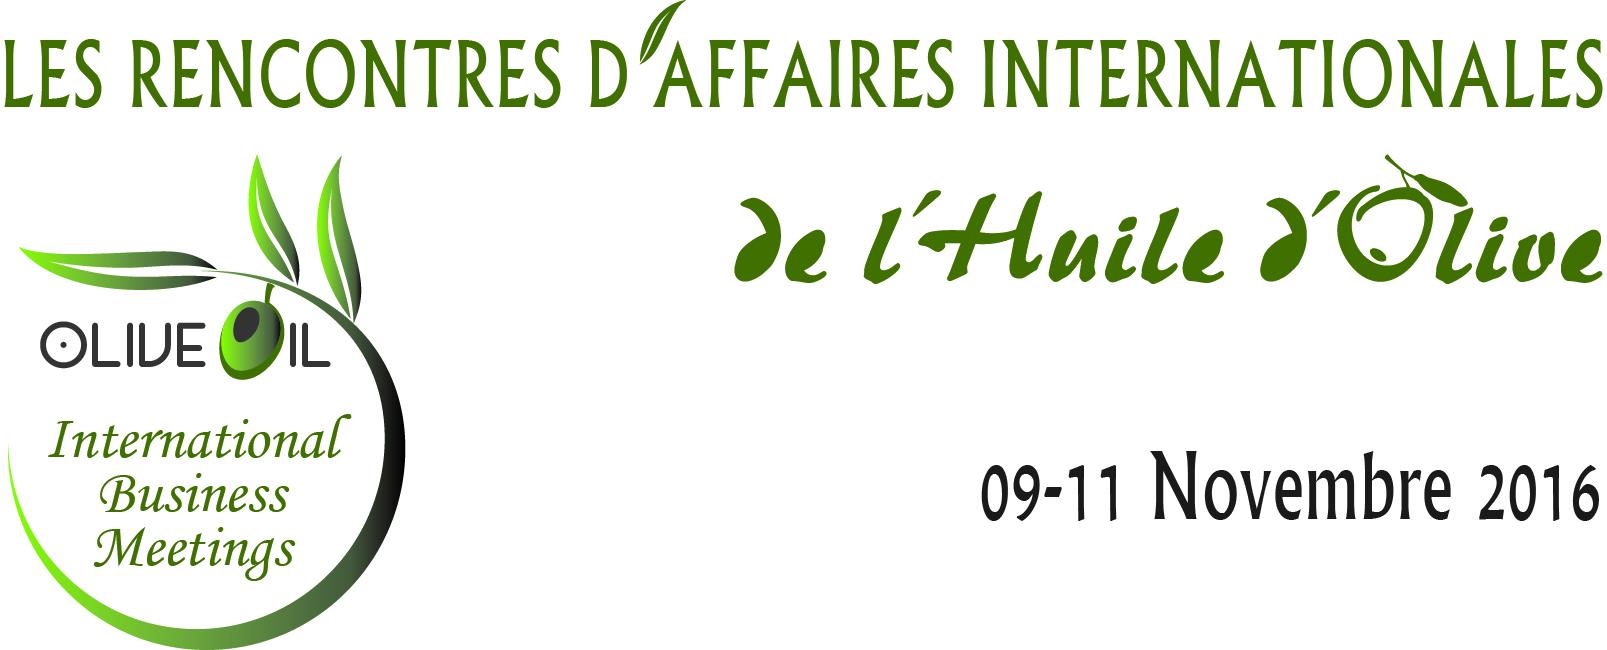 (Français) Les rencontres d'affaires internationales de l'huile d'olive